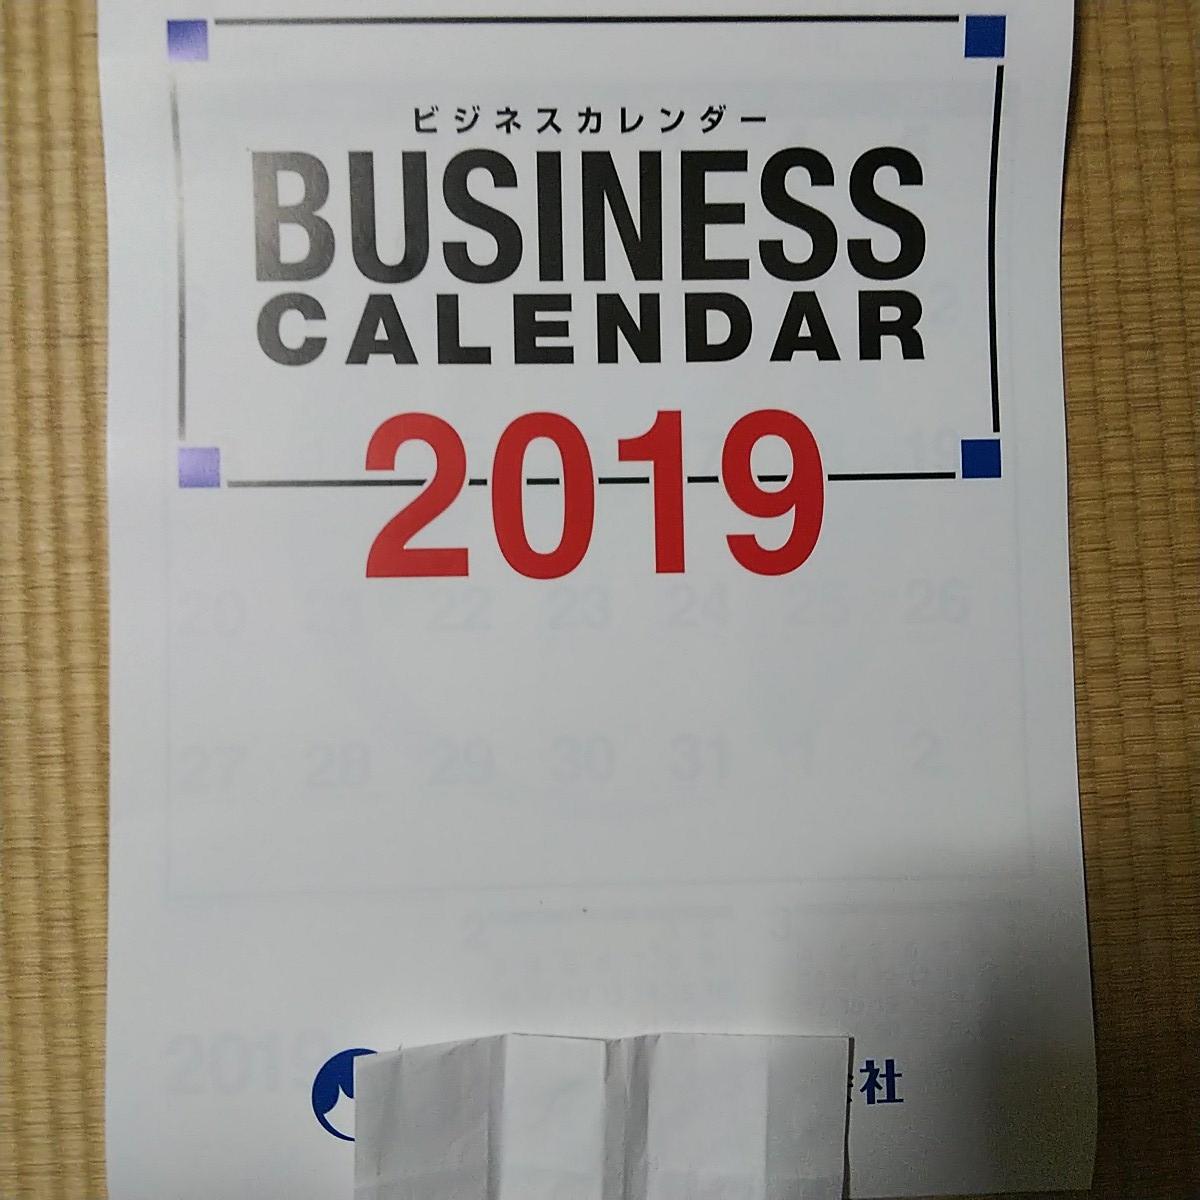 2019 文字暦カレンダー 【ビジネス カレンダー】太い文字、三色、メモ欄広い、六曜、4ケ月表示 値下げ!